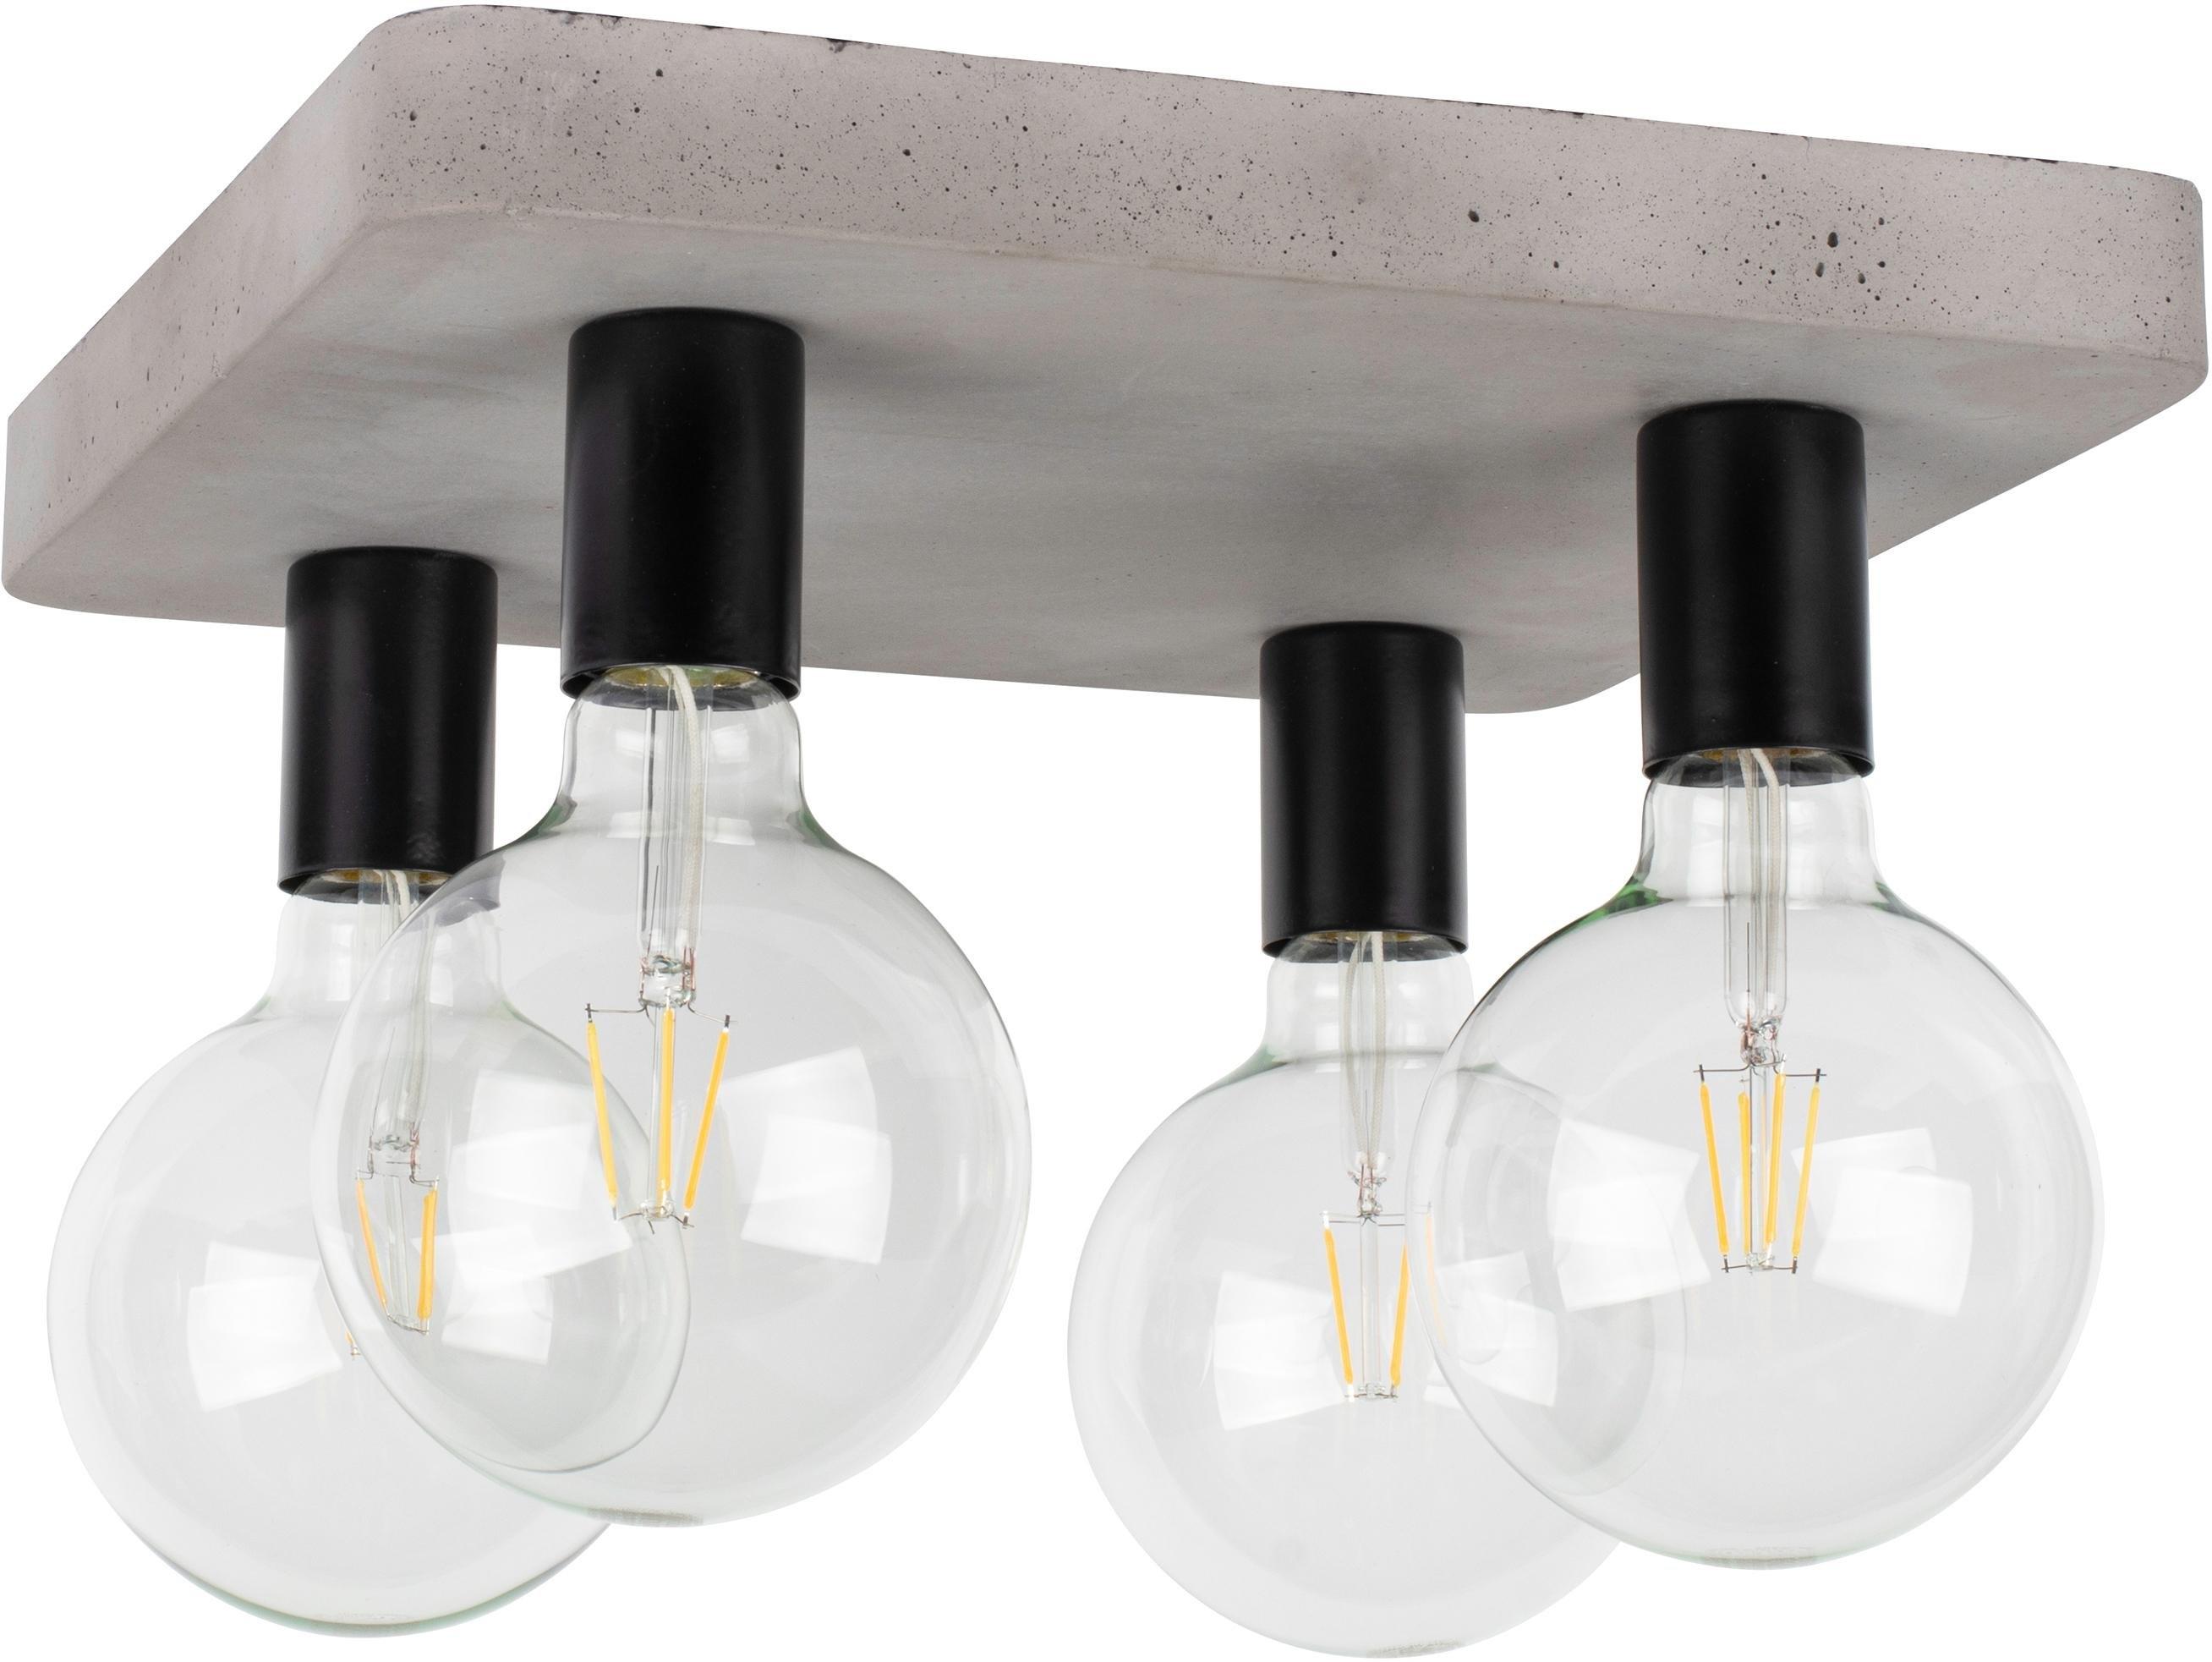 SPOT Light plafondlamp »FORTAN«, online kopen op otto.nl